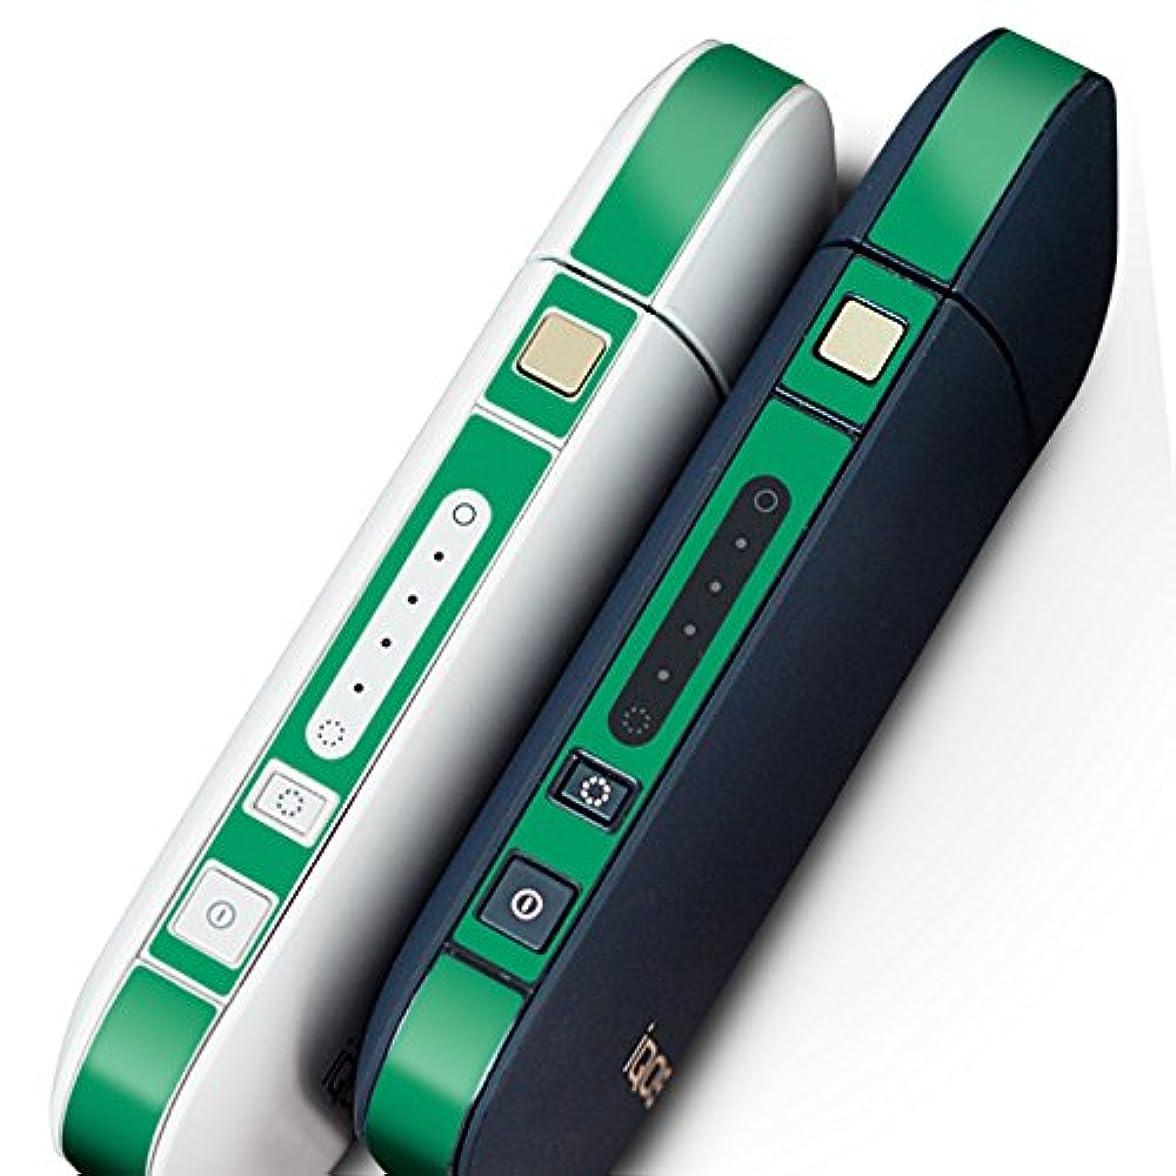 マチュピチュ会員広大なIQOS 専用 シール ケース 側面スキンシール 専用スキンシール バンパー カバー 保護 フィルム ステッカー デコ アクセサリー デザイン おしゃれ 緑 単色 シンプル 012239